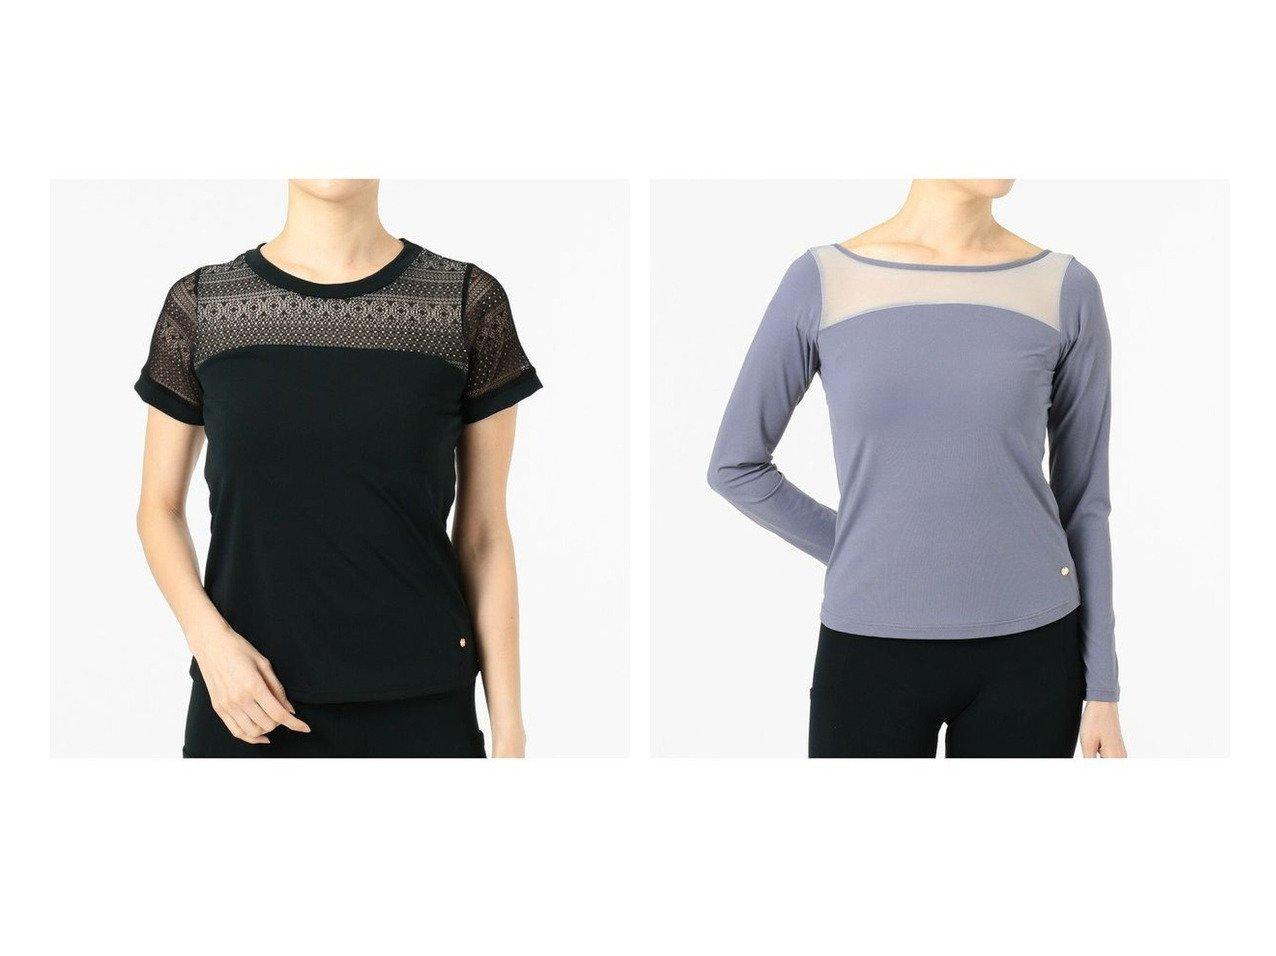 【Chacott/チャコット】のレースコンビトップ&バッククロスストレッチTシャツ スポーツウェア・ヨガ・運動・ダイエットグッズなどのおすすめ!人気トレンド・ファッション通販 おすすめで人気の流行・トレンド、ファッションの通販商品 インテリア・家具・メンズファッション・キッズファッション・レディースファッション・服の通販 founy(ファニー) https://founy.com/ ファッション Fashion レディースファッション WOMEN トップス・カットソー Tops/Tshirt シャツ/ブラウス Shirts/Blouses ロング / Tシャツ T-Shirts アンティーク インナー コンビ ストレッチ ボーダー レース ローズ クール フィット |ID:crp329100000041146